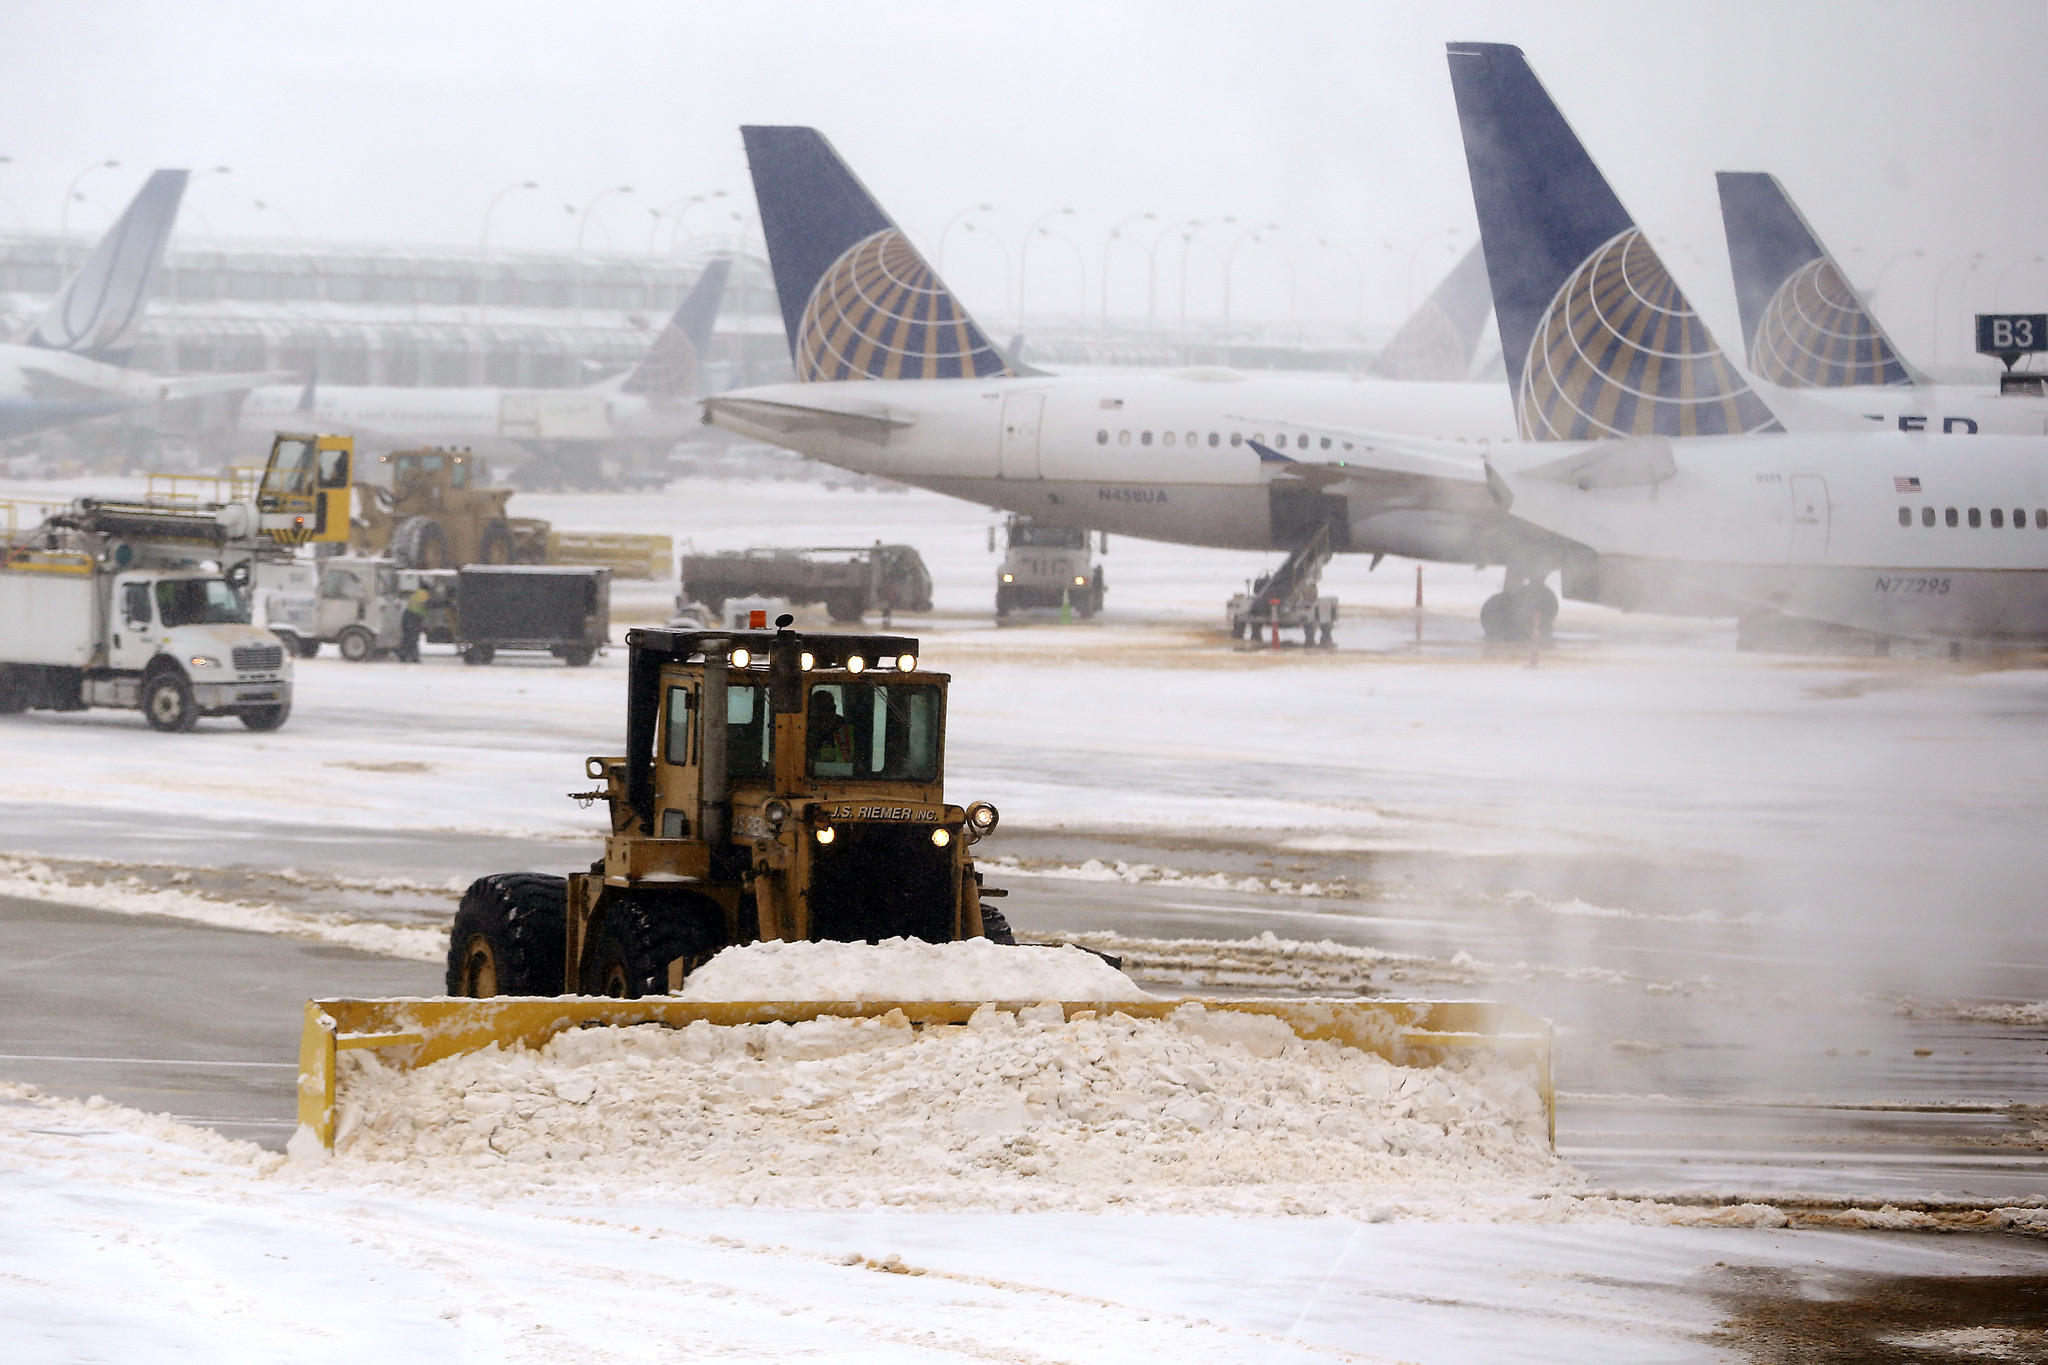 Opady śniegu zakłóciły ruch na chicagowskich lotniskach